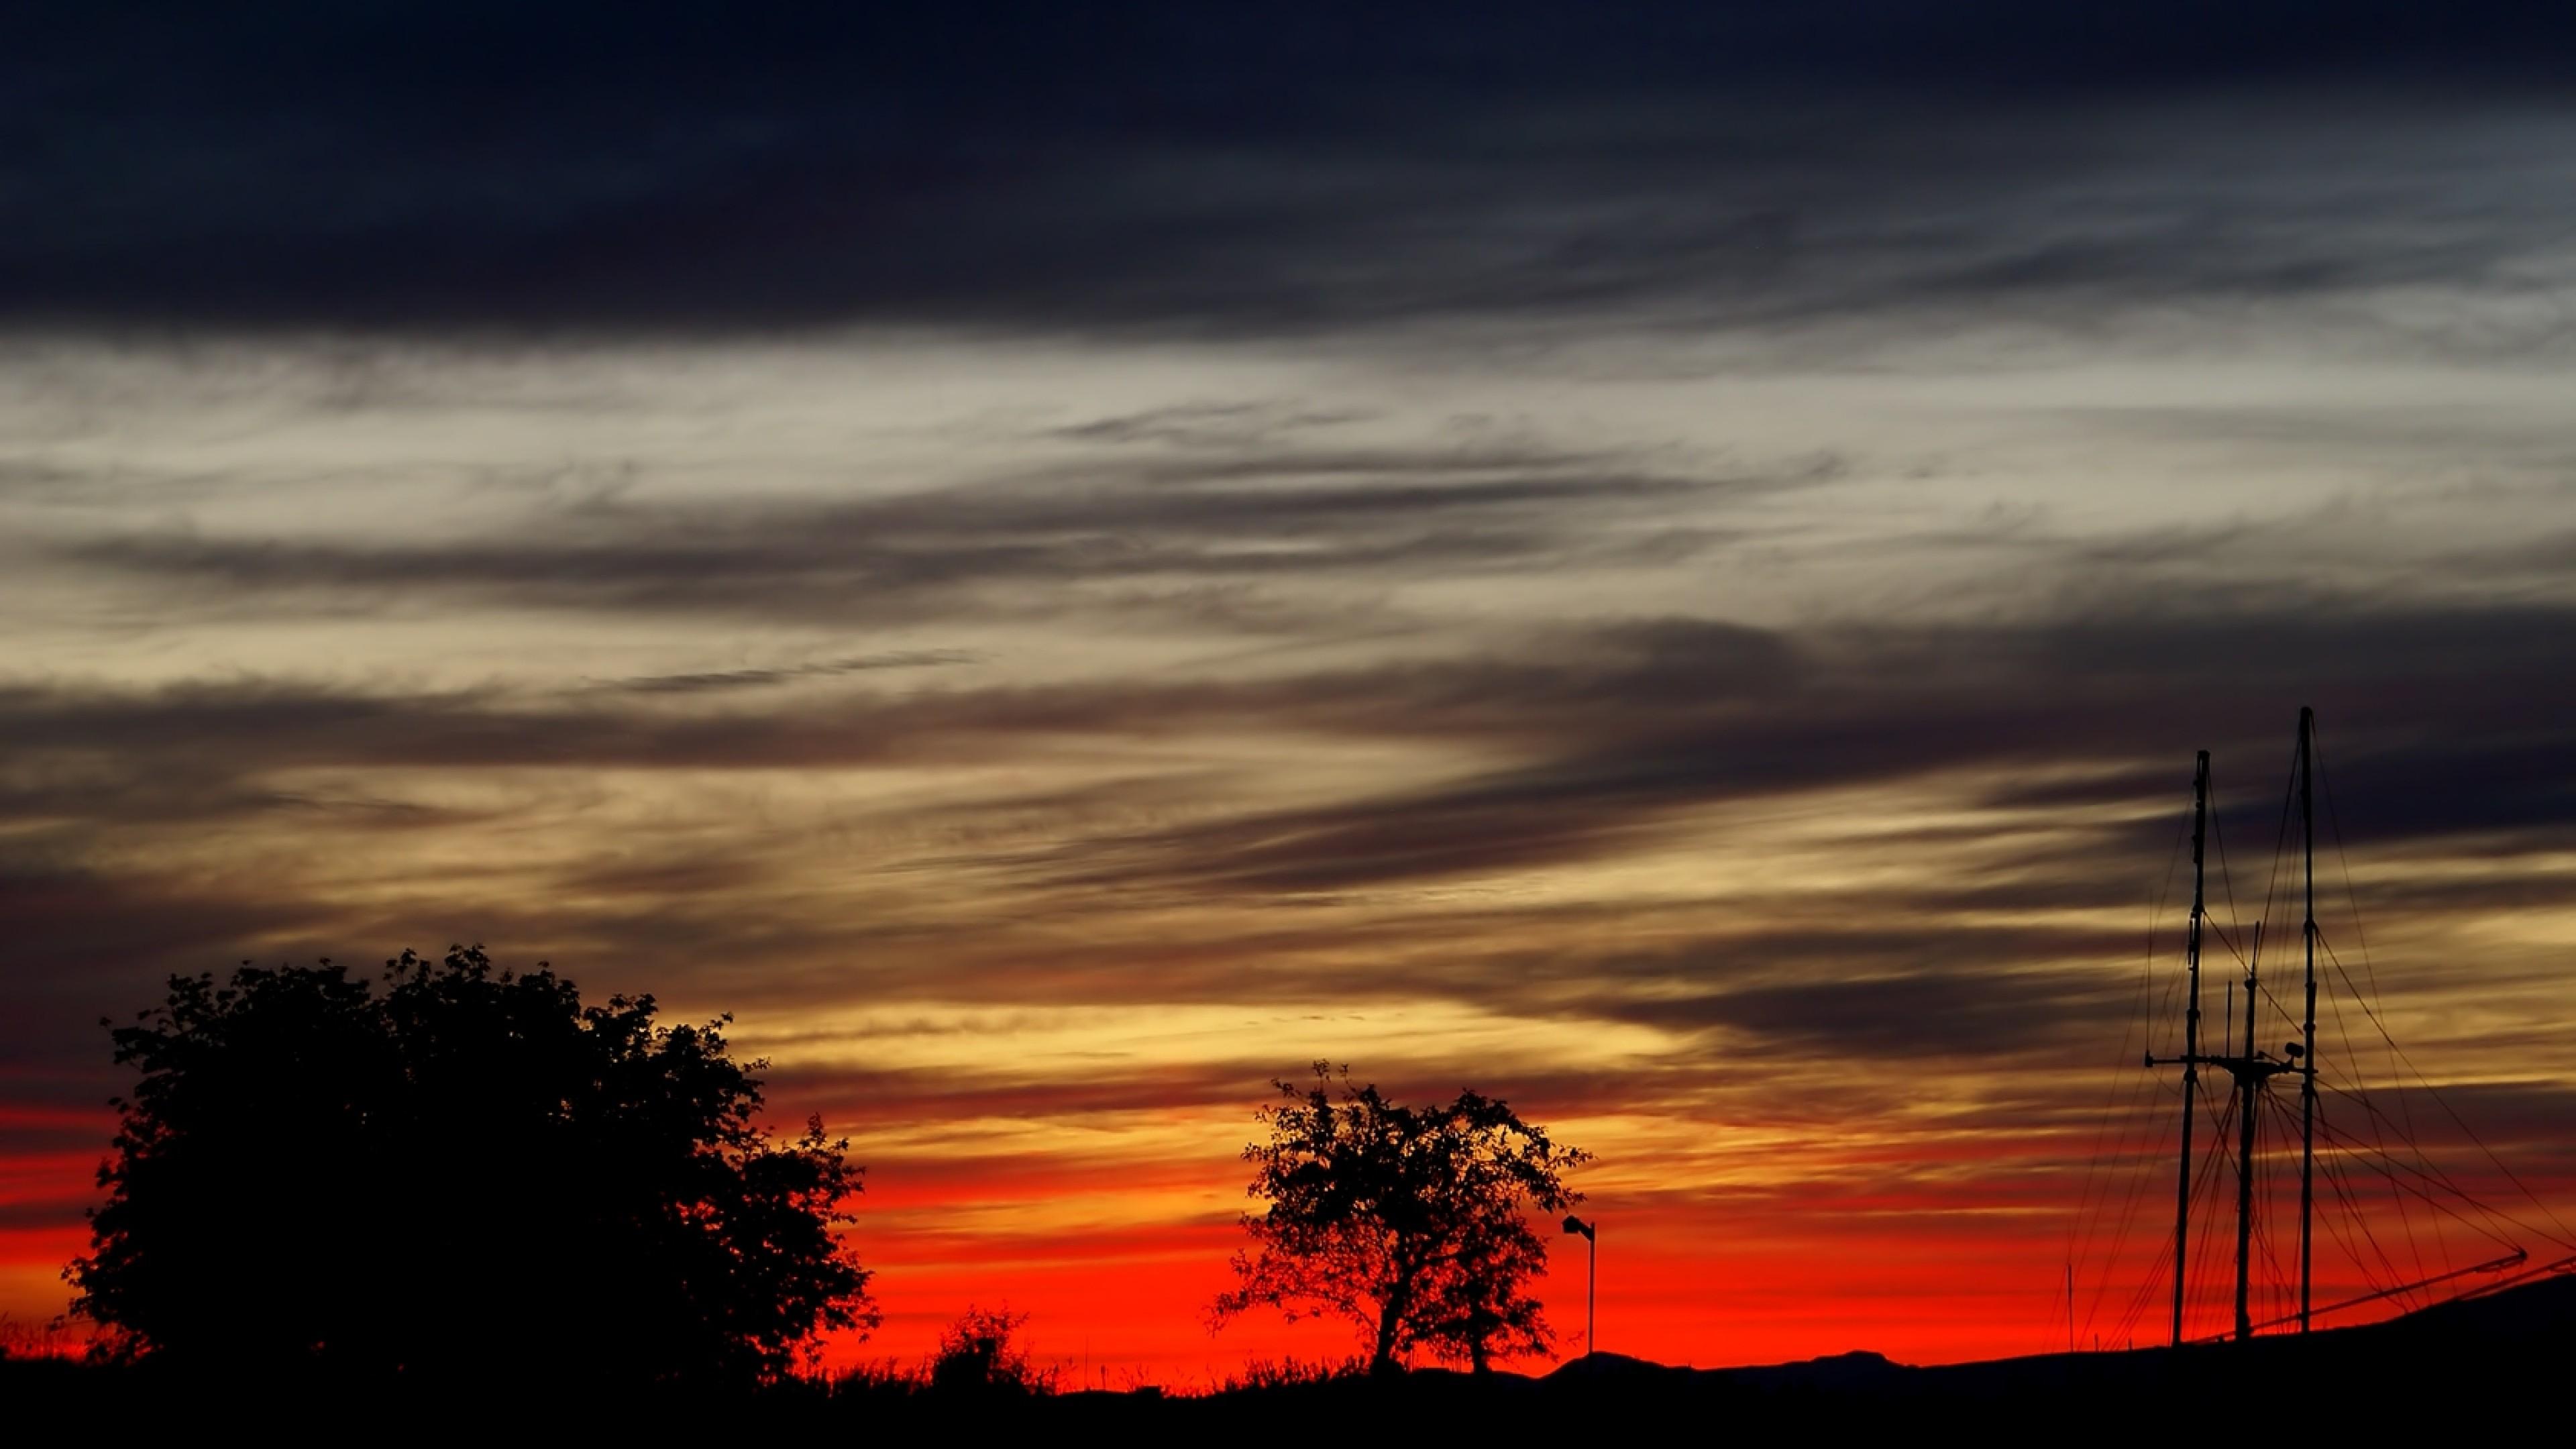 Wallpaper evening, sky, decline, outlines, black, grey, orange